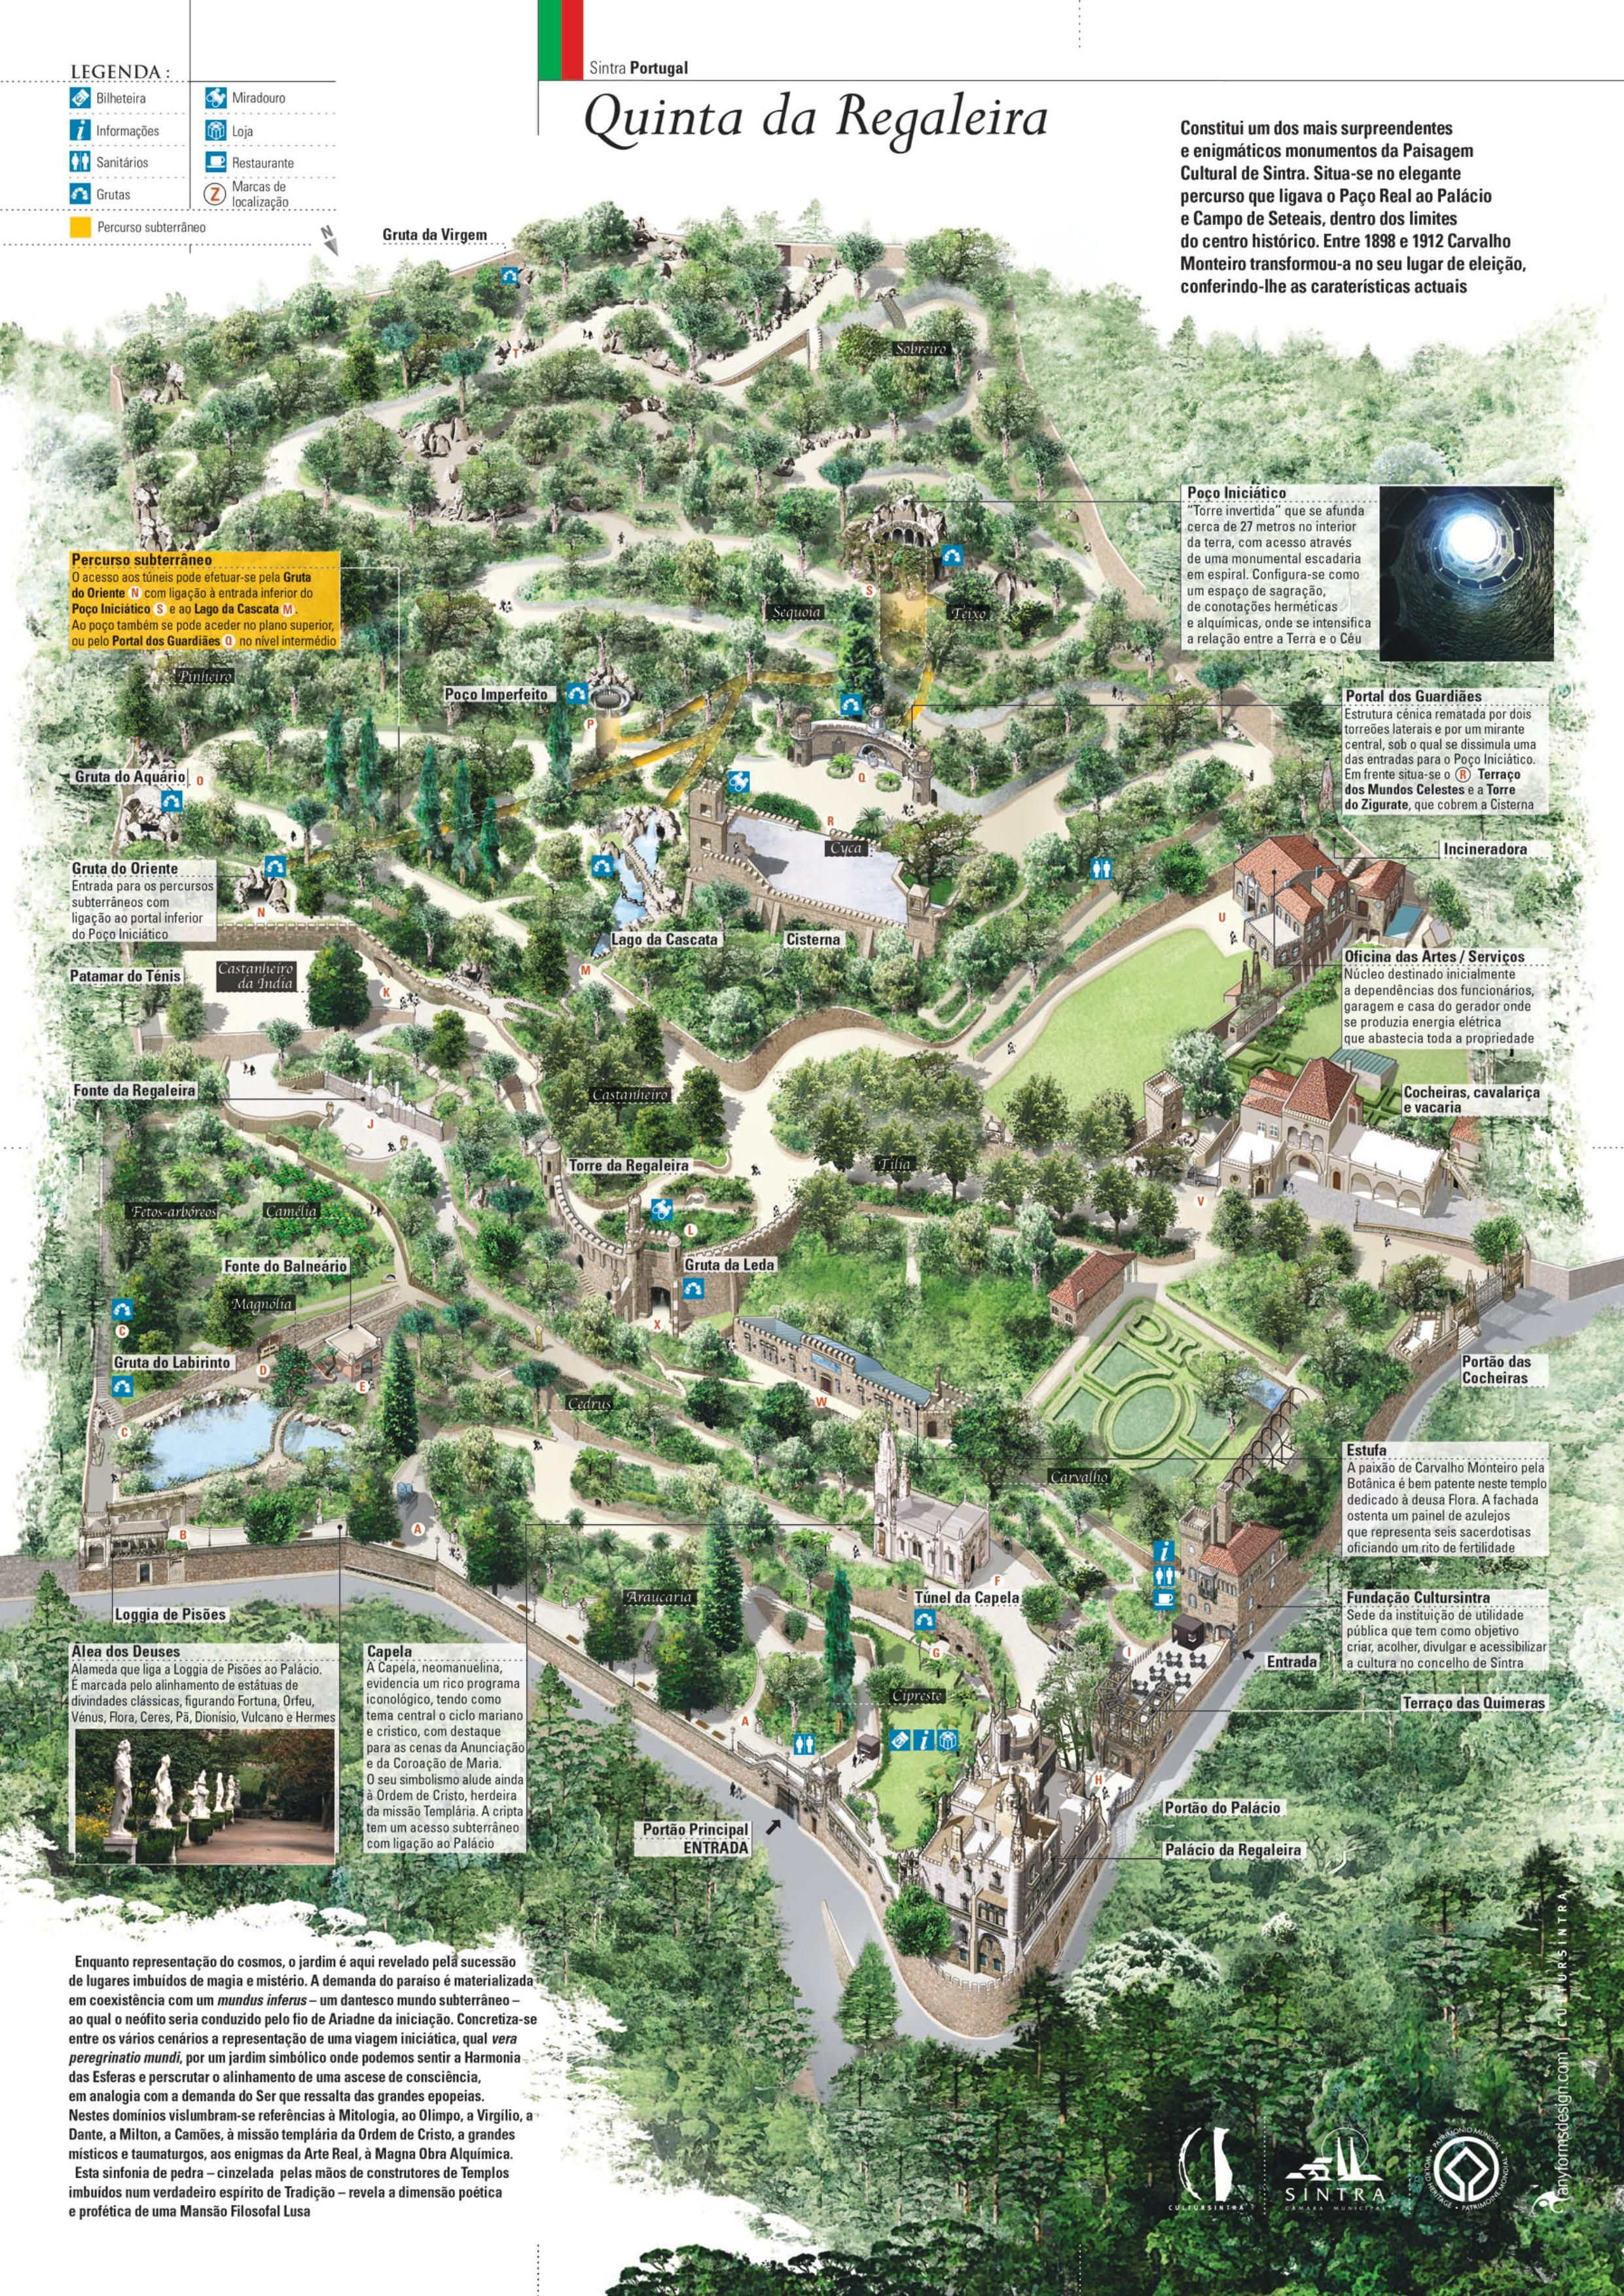 rua mouzinho da silveira lisboa mapa Map of Quinta da Regaleira Sintra Portugal … | world portugal | Pinte… rua mouzinho da silveira lisboa mapa